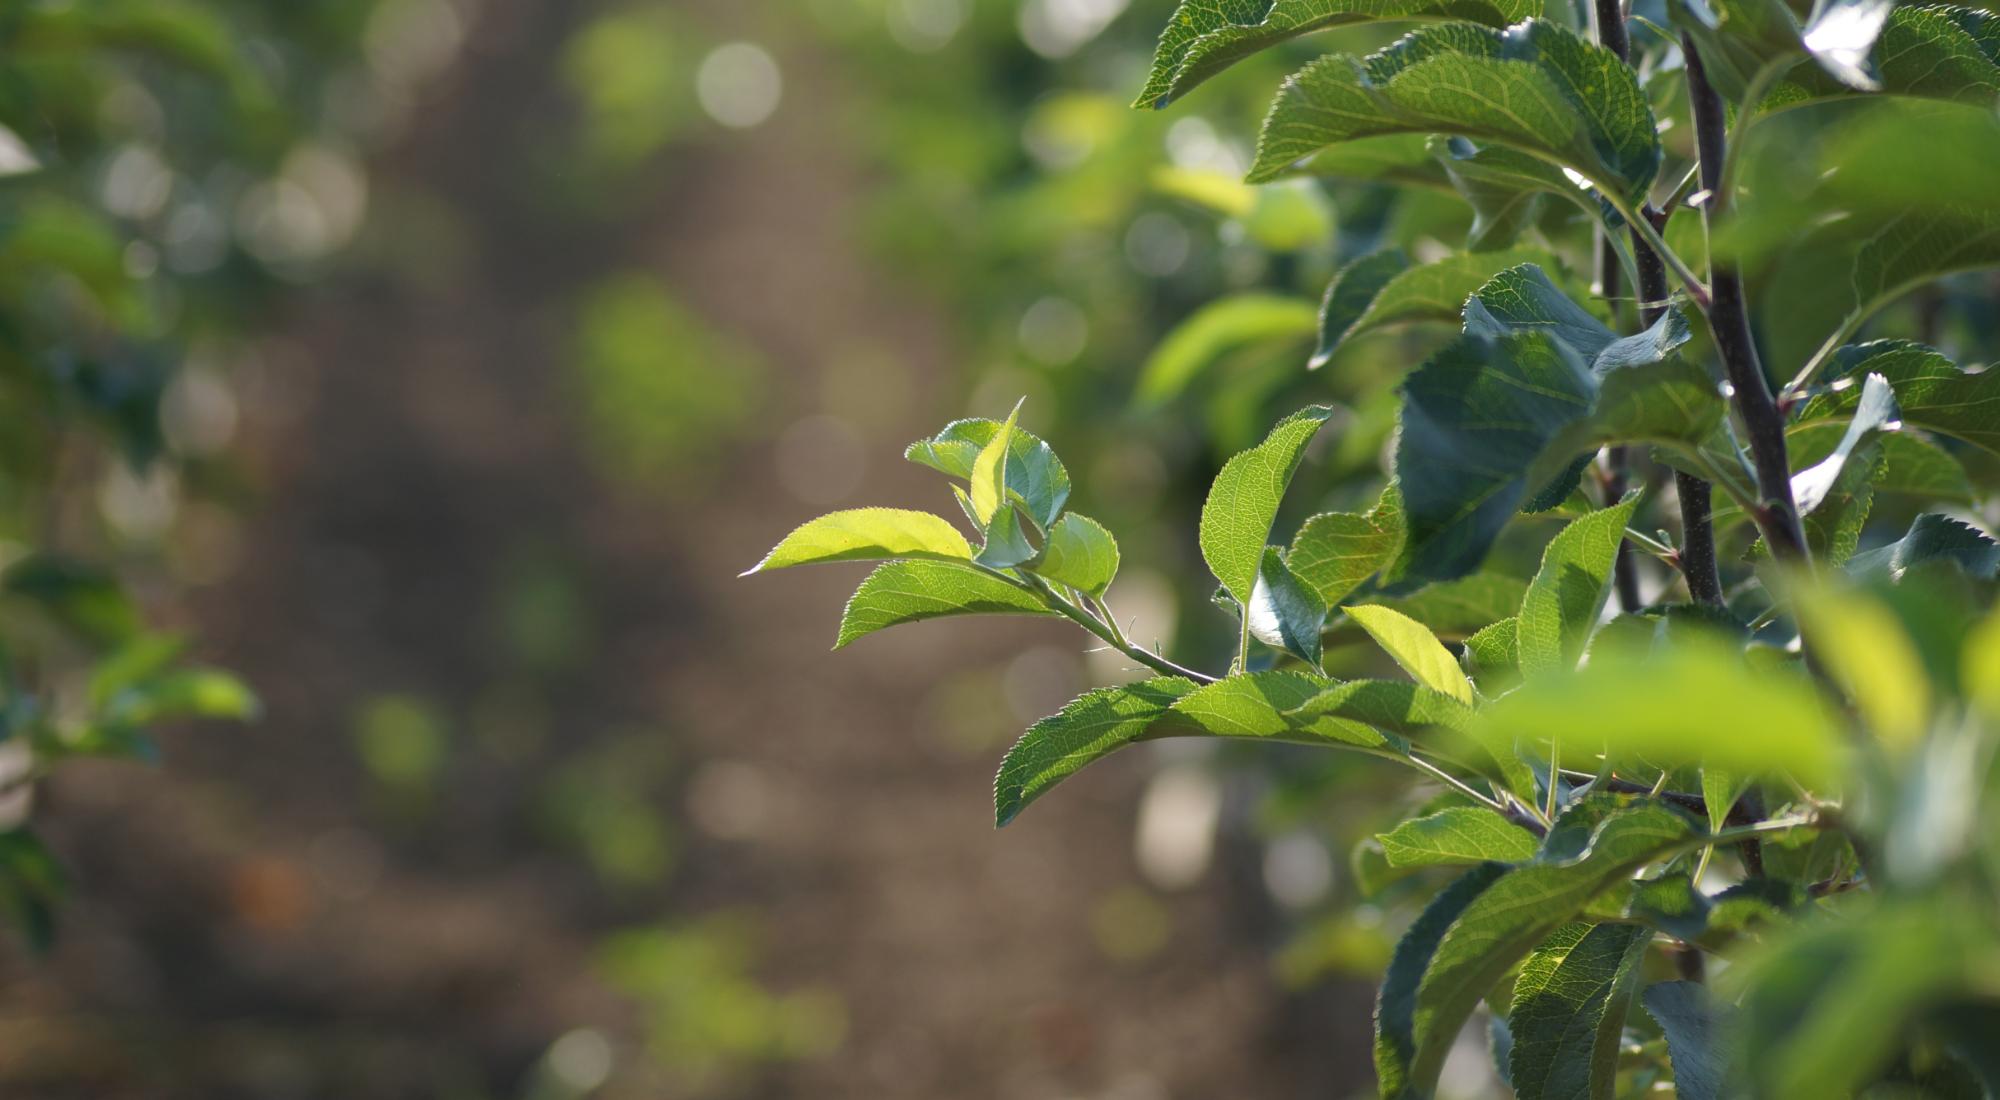 Certyfikat produktów rolnictwa ekologicznego: PL-EKO-07-08326